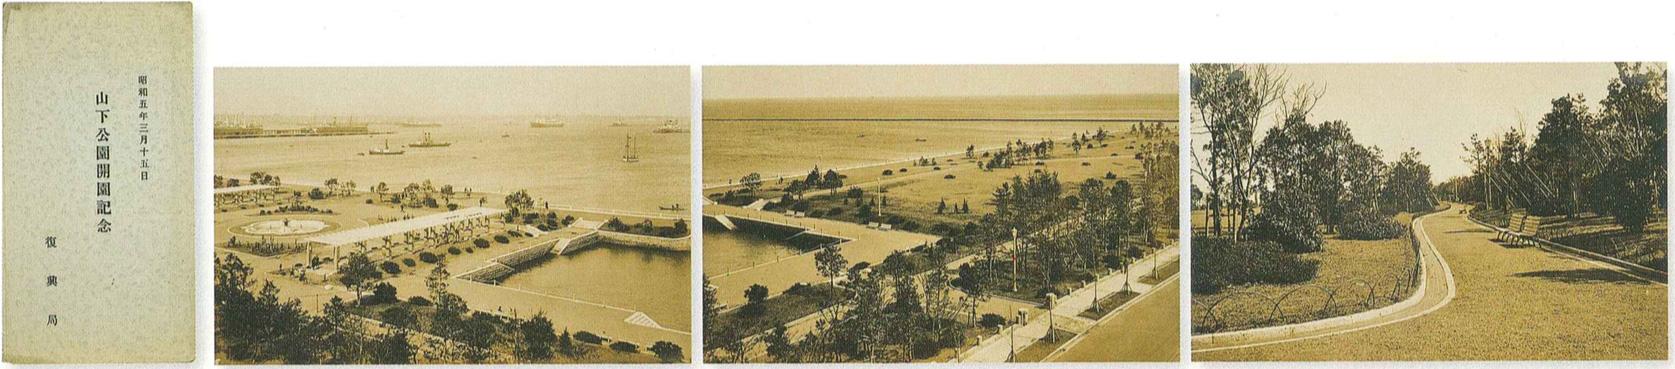 開園記念絵葉書(横浜開港資料館所蔵)